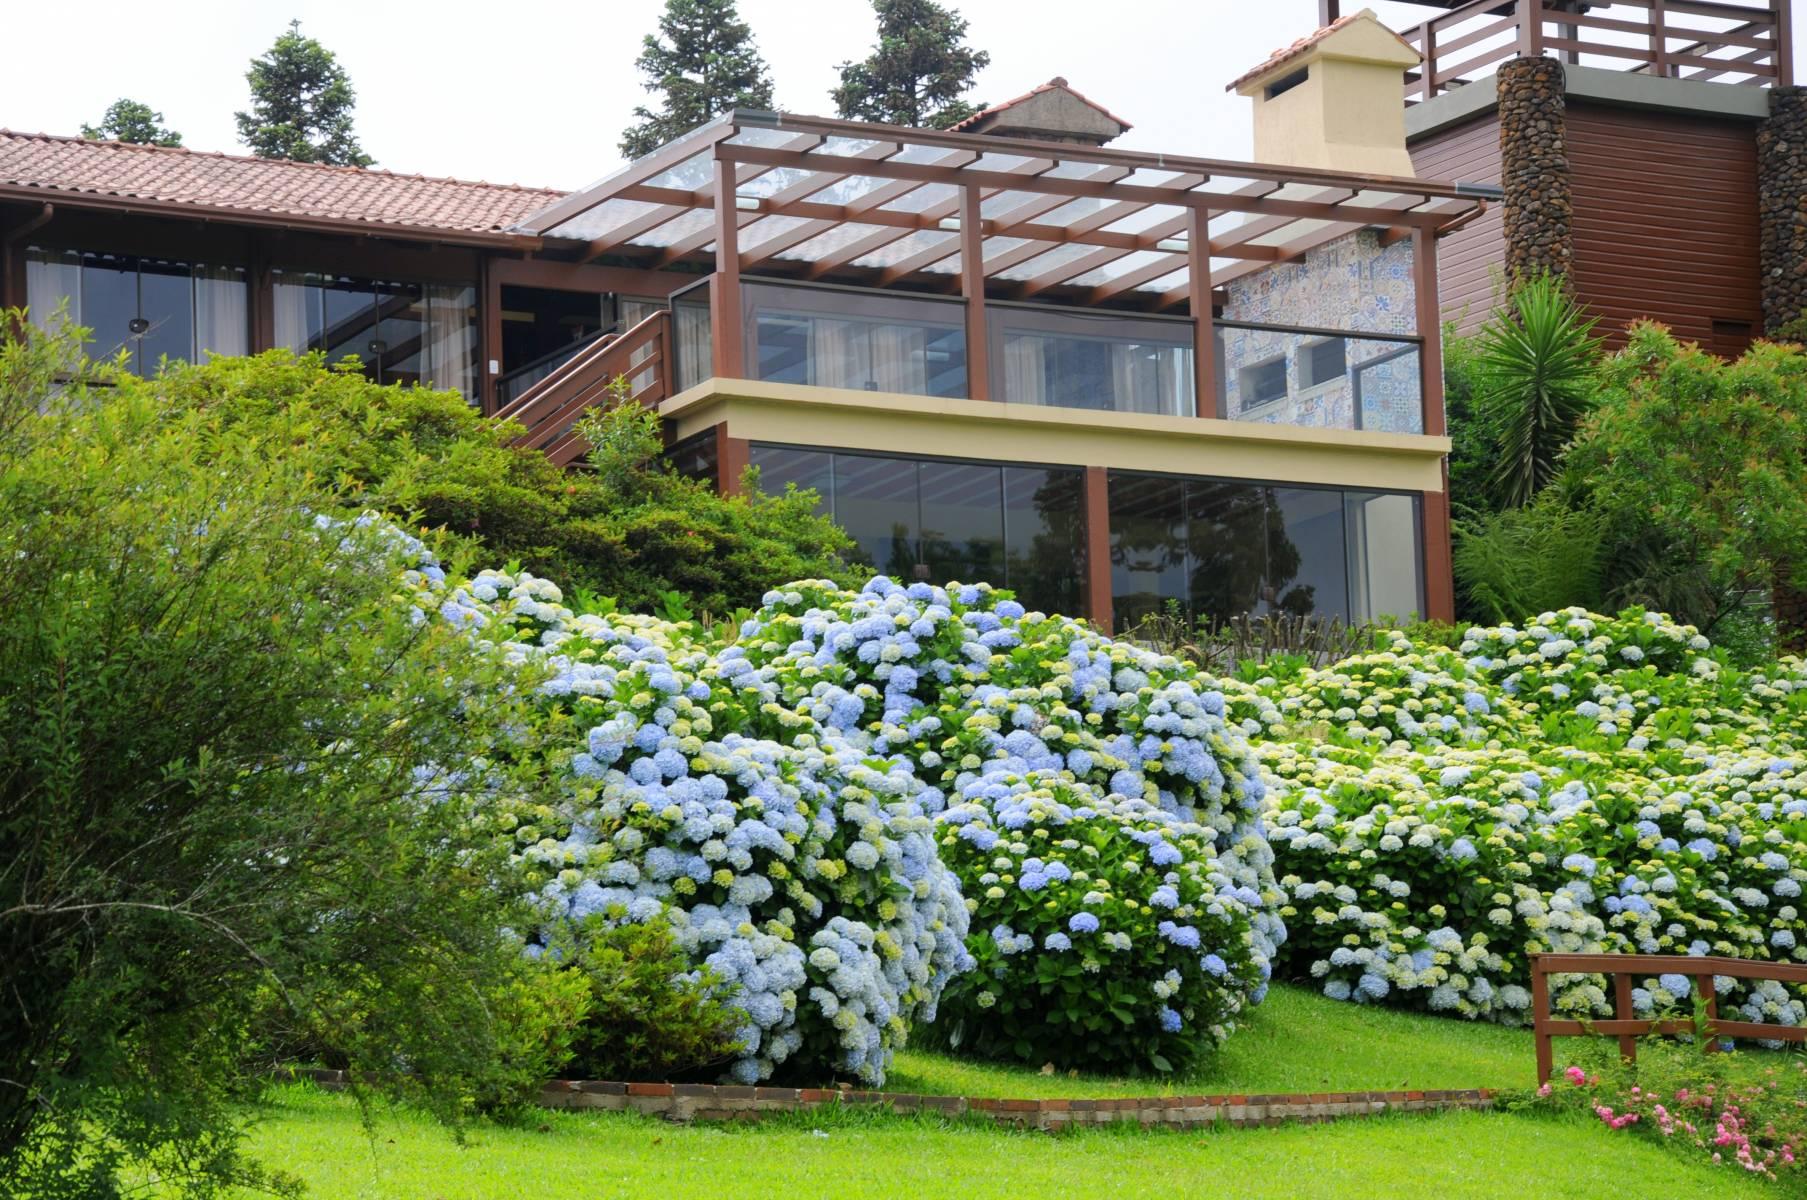 Sede com Hortênsias - Hotel Bangalôs da Serra #CurtaSuaFamilia #HotelSustentavel #TurismoVerde #TravelersChoice #EcoLider #Gramado